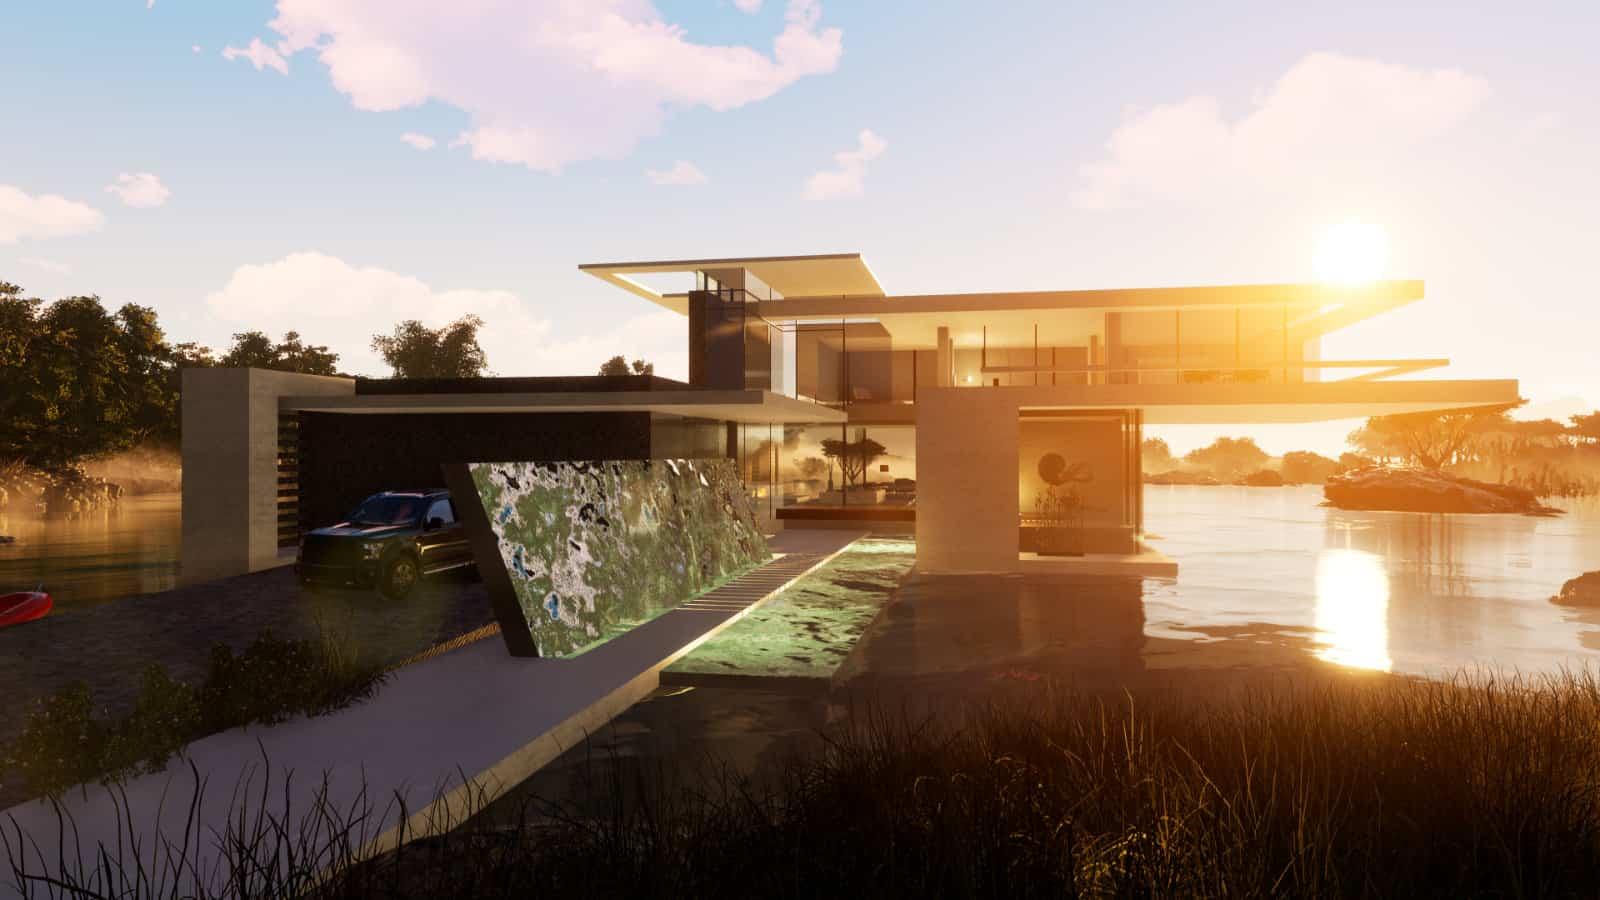 Villa mit Flachdach